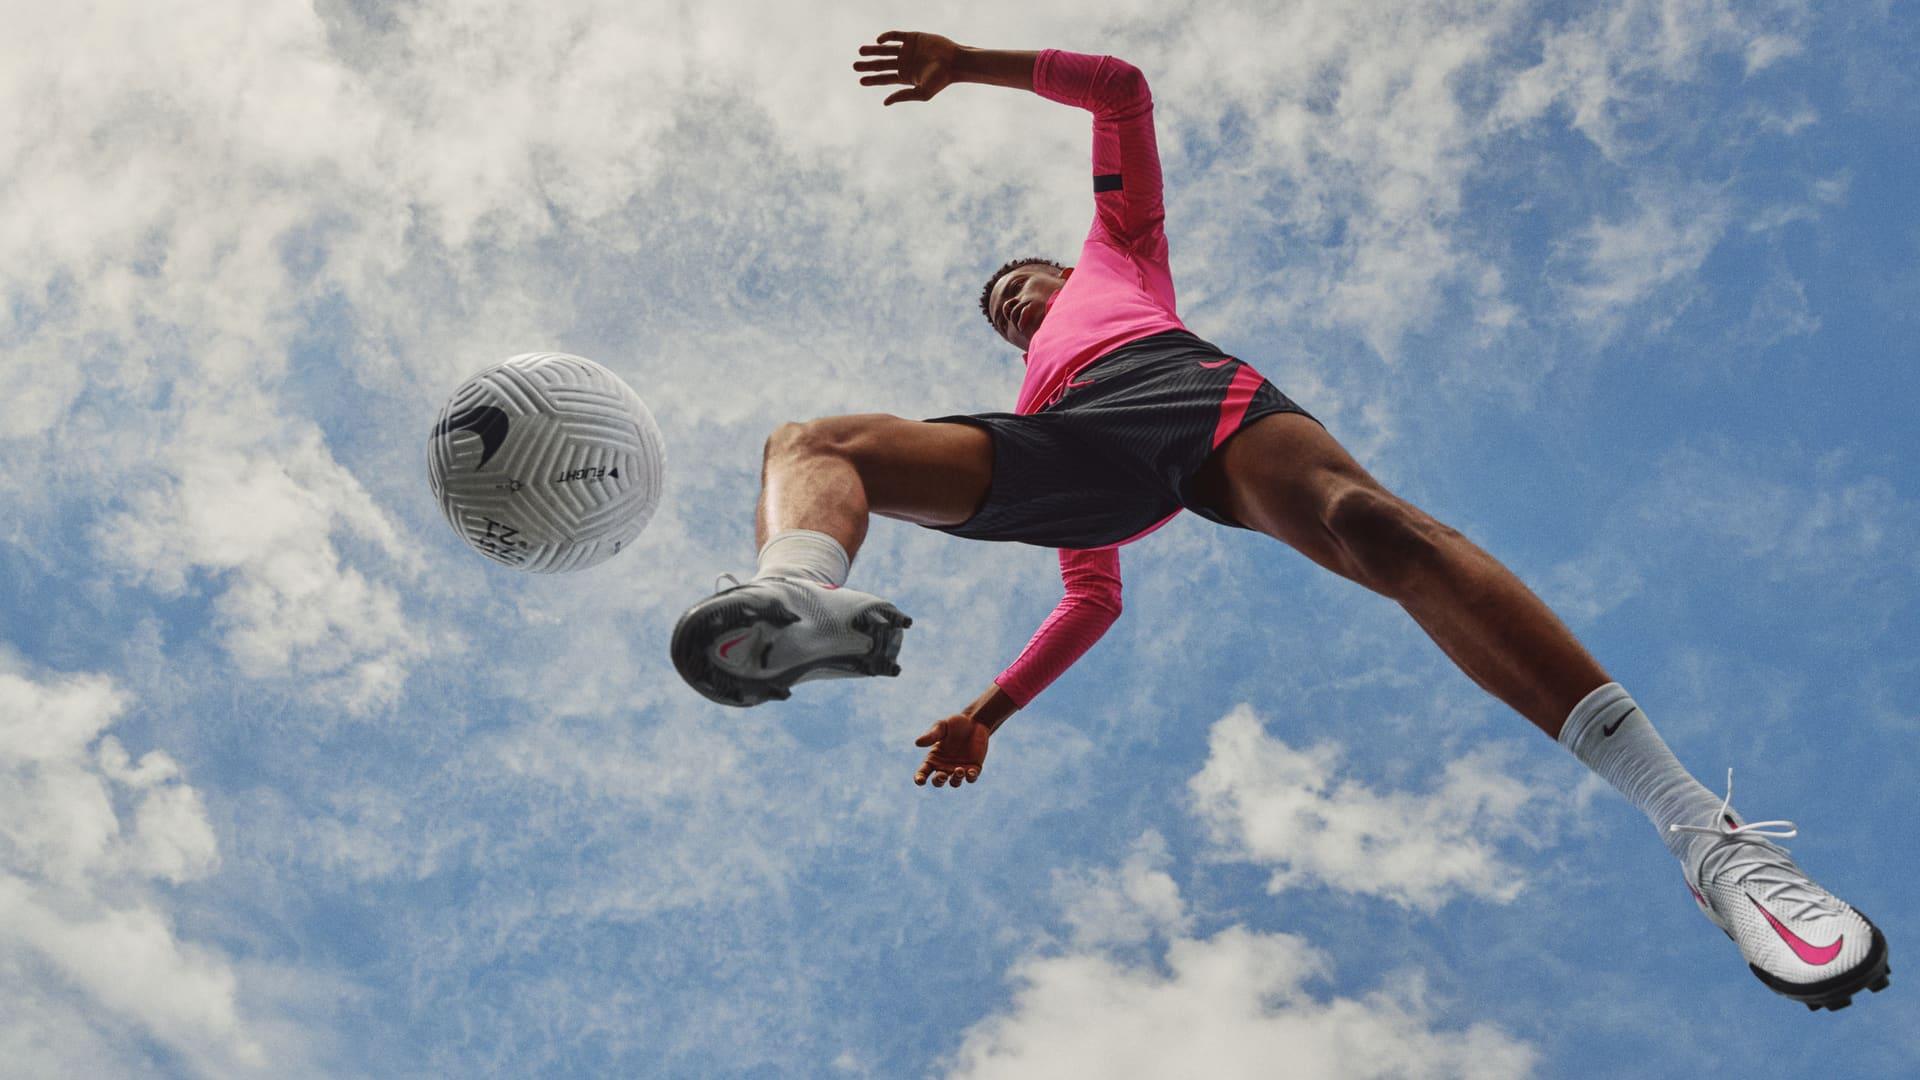 ゴールキーパーグローブのサイズの選び方は?| Nikeヘルプ